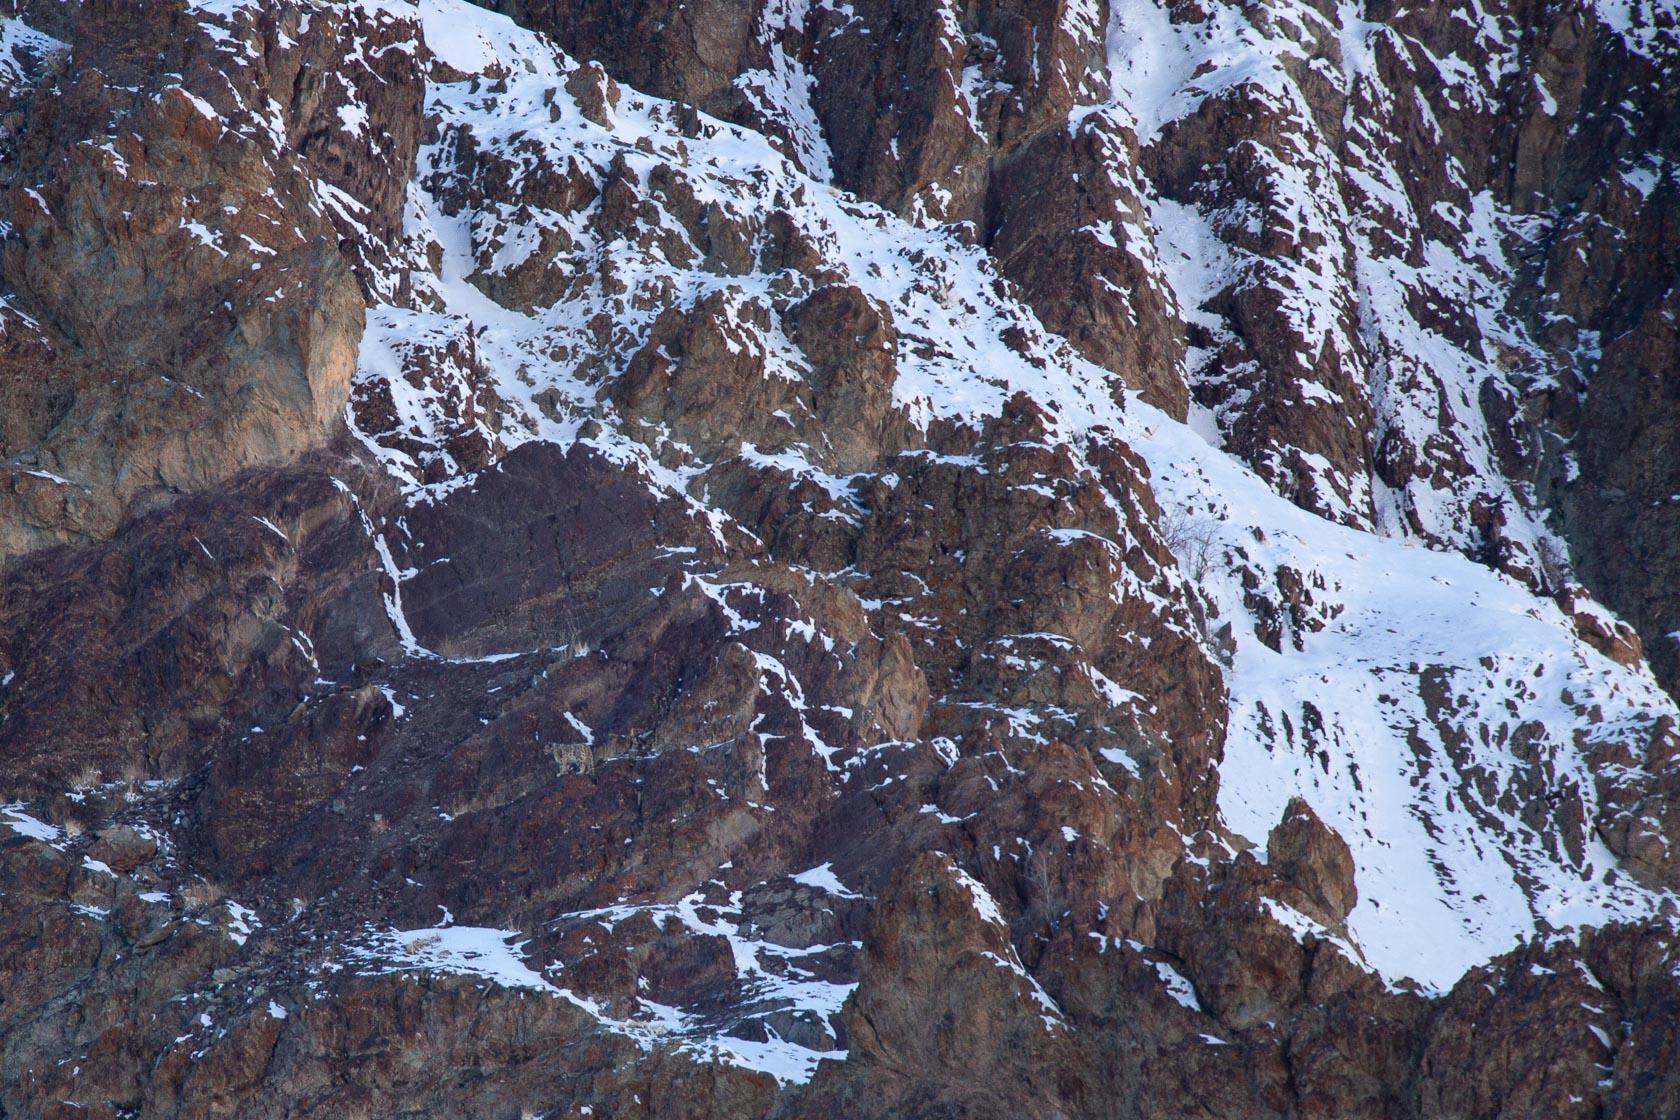 panthère des neiges (Panthera uncia) dans les rochers, au ladakh, en Inde